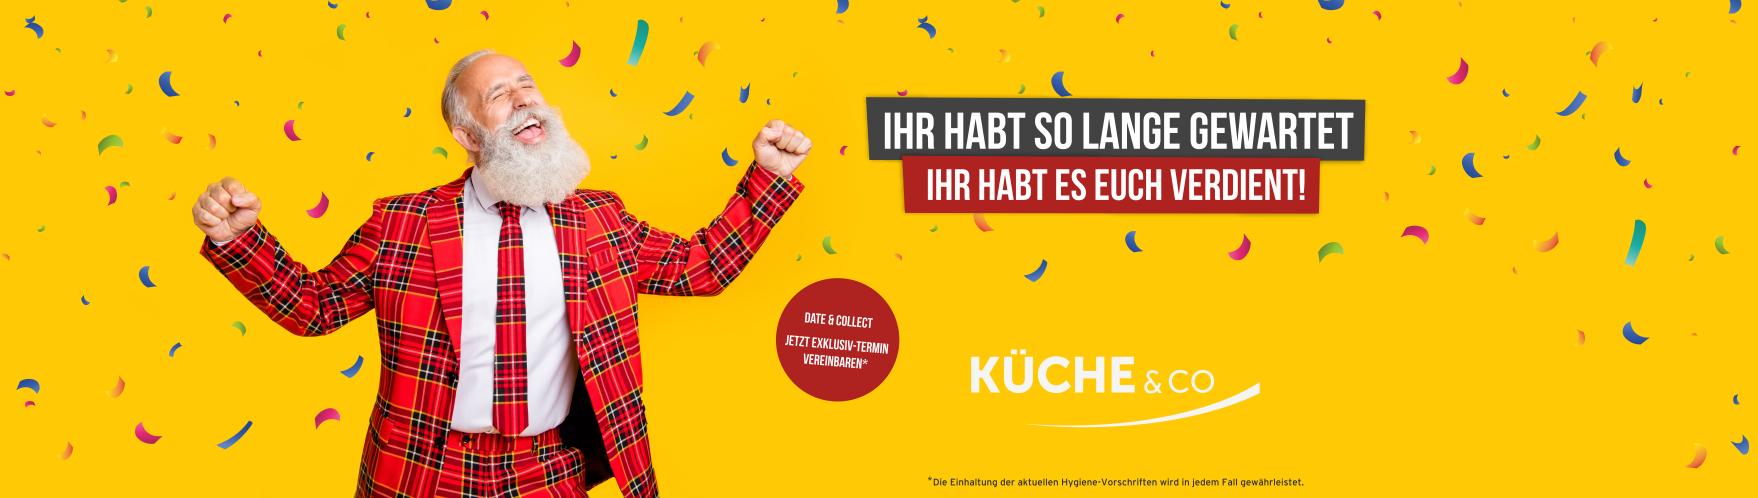 KüCo Anzeige Date&Collect Website März20